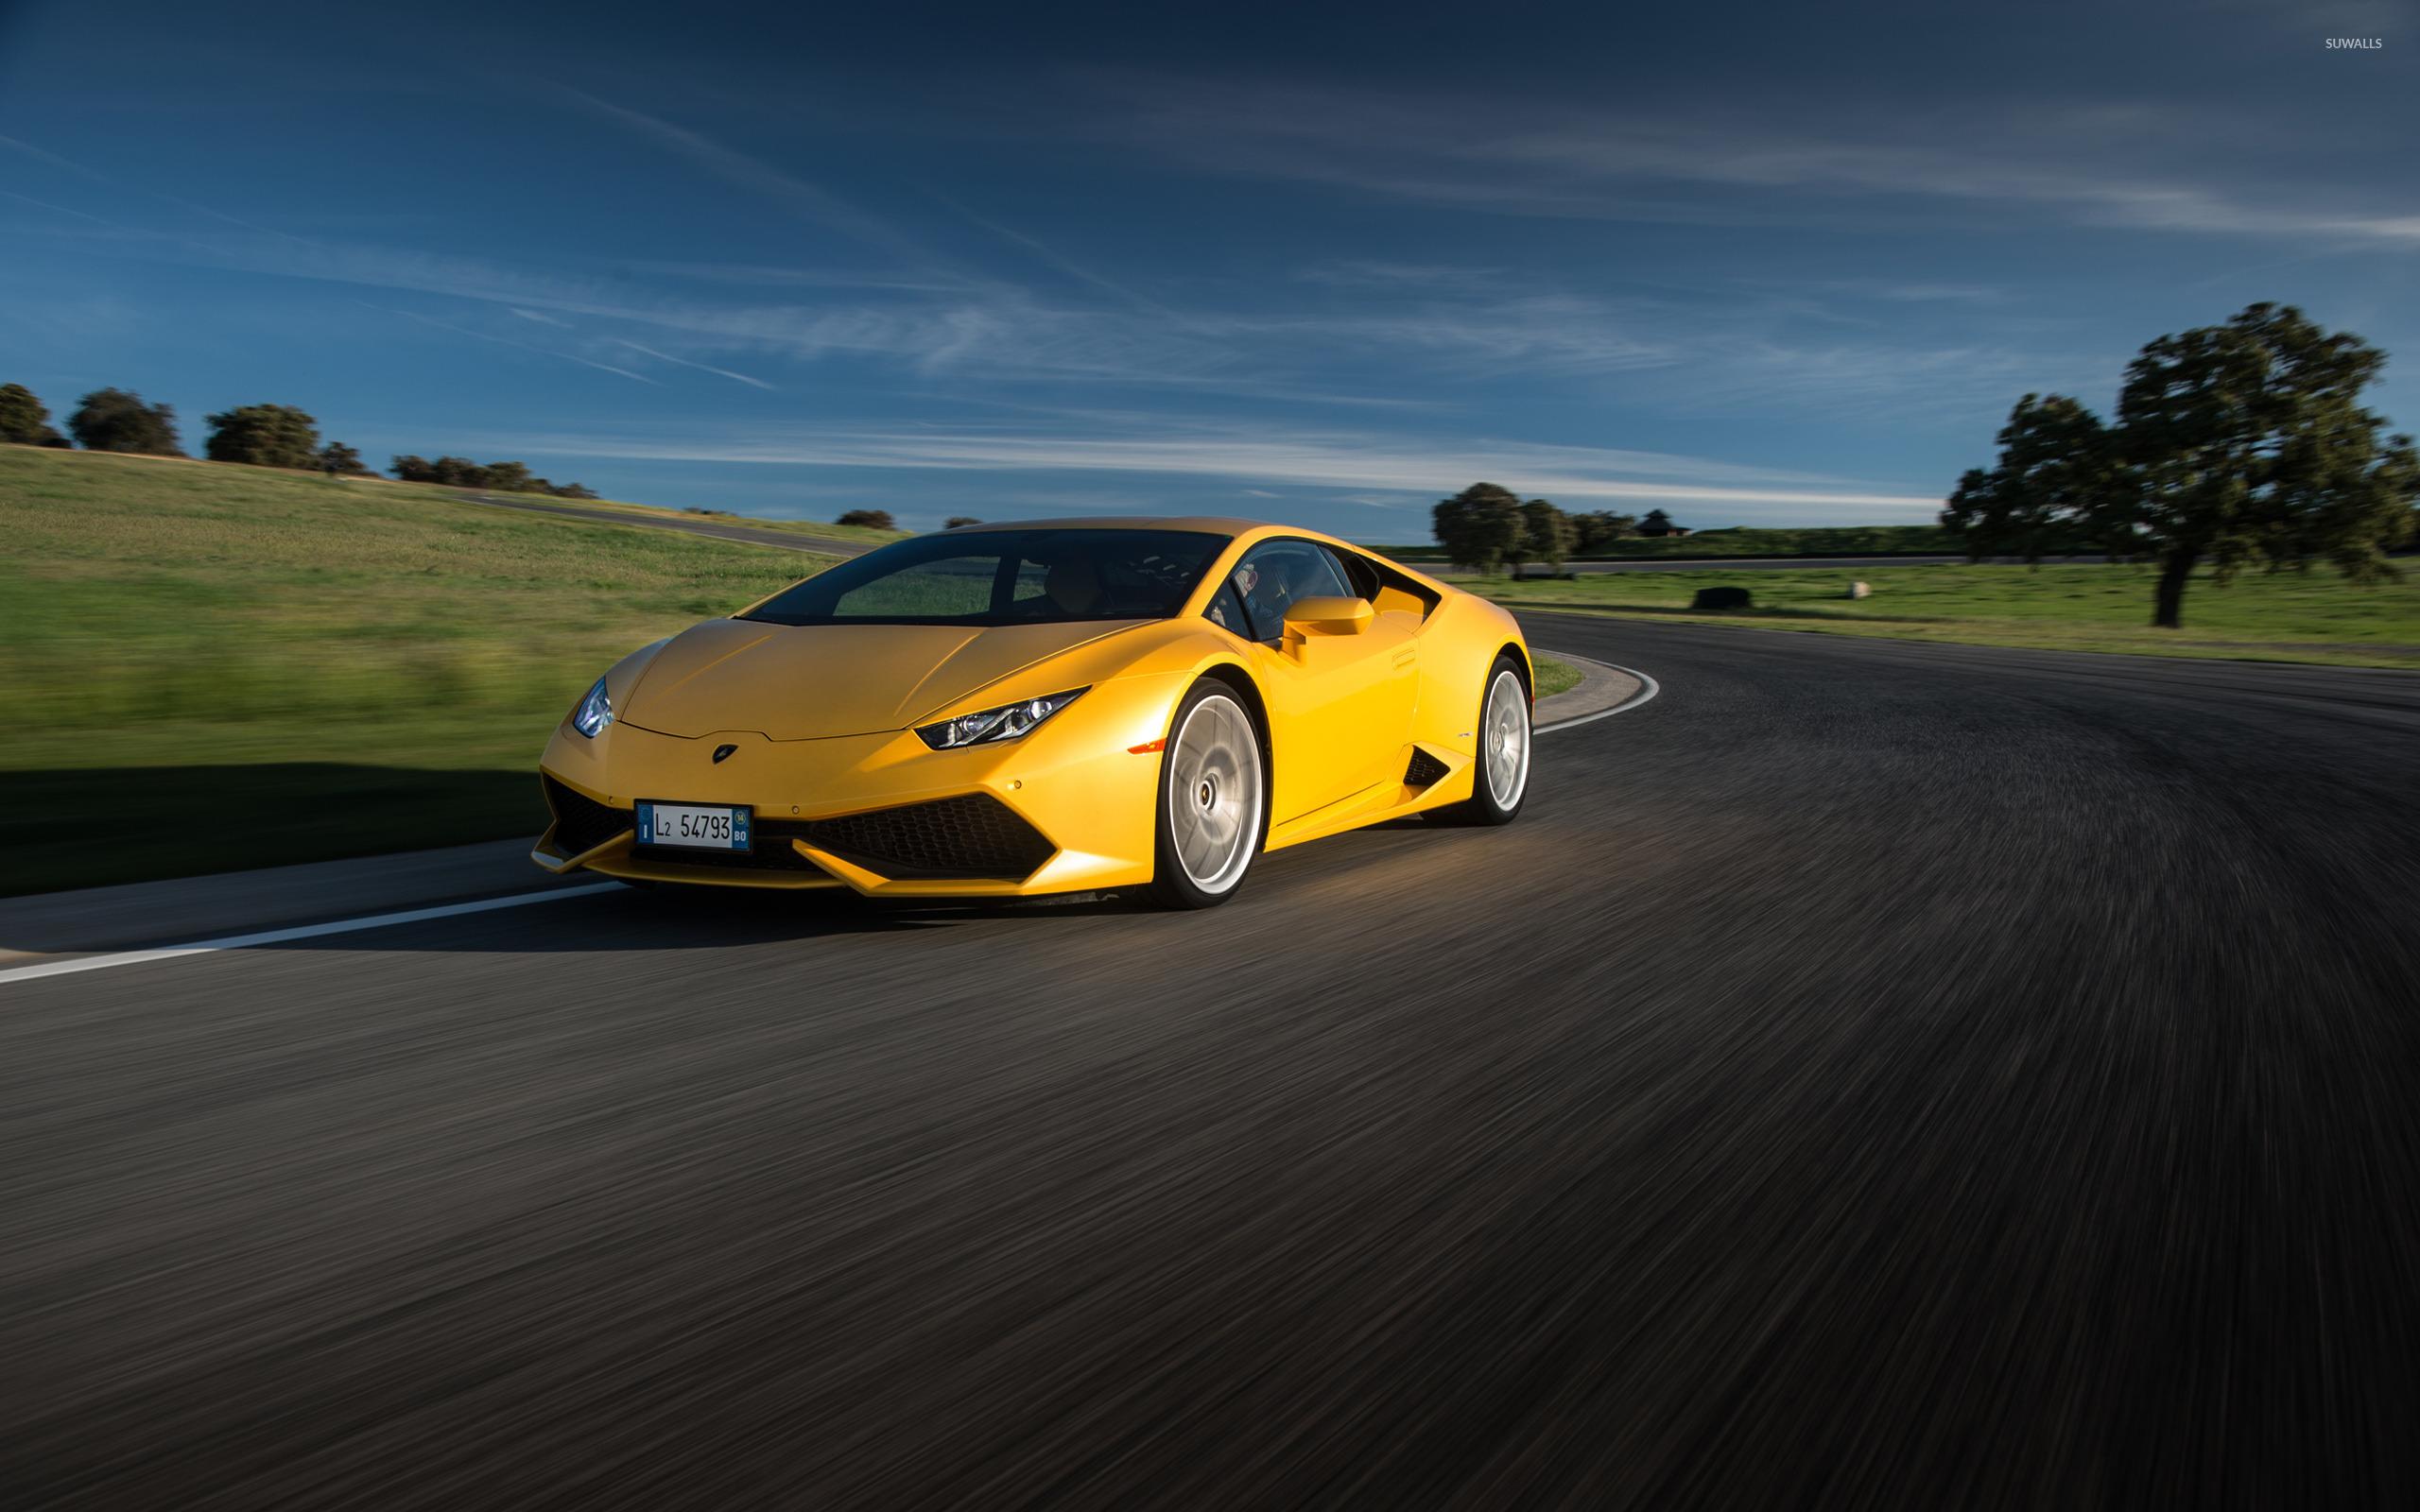 желтый автомобиль спортивный lamborghini huracan yellow car sports бесплатно